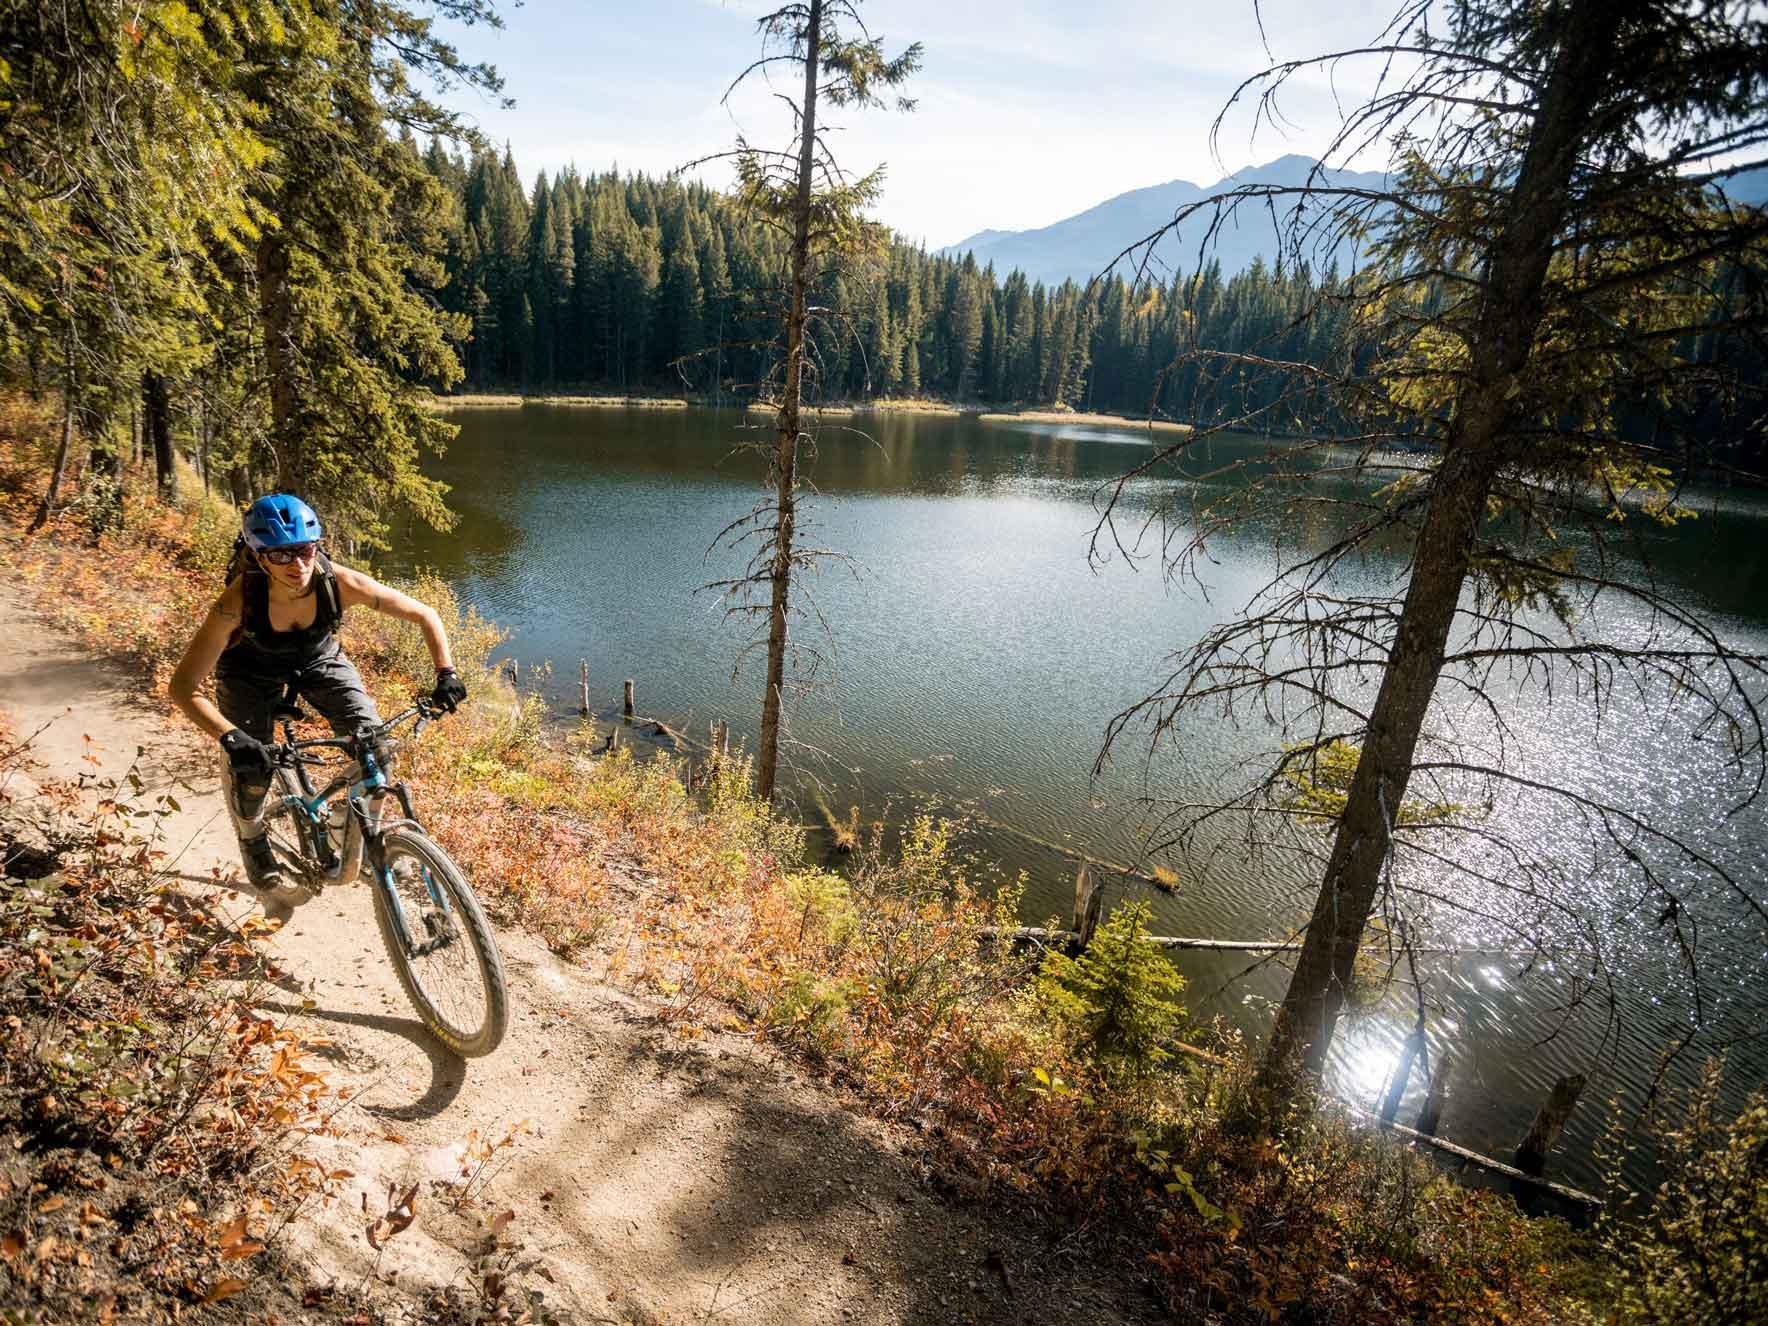 Mountain biking with Higher Ground in Golden BC